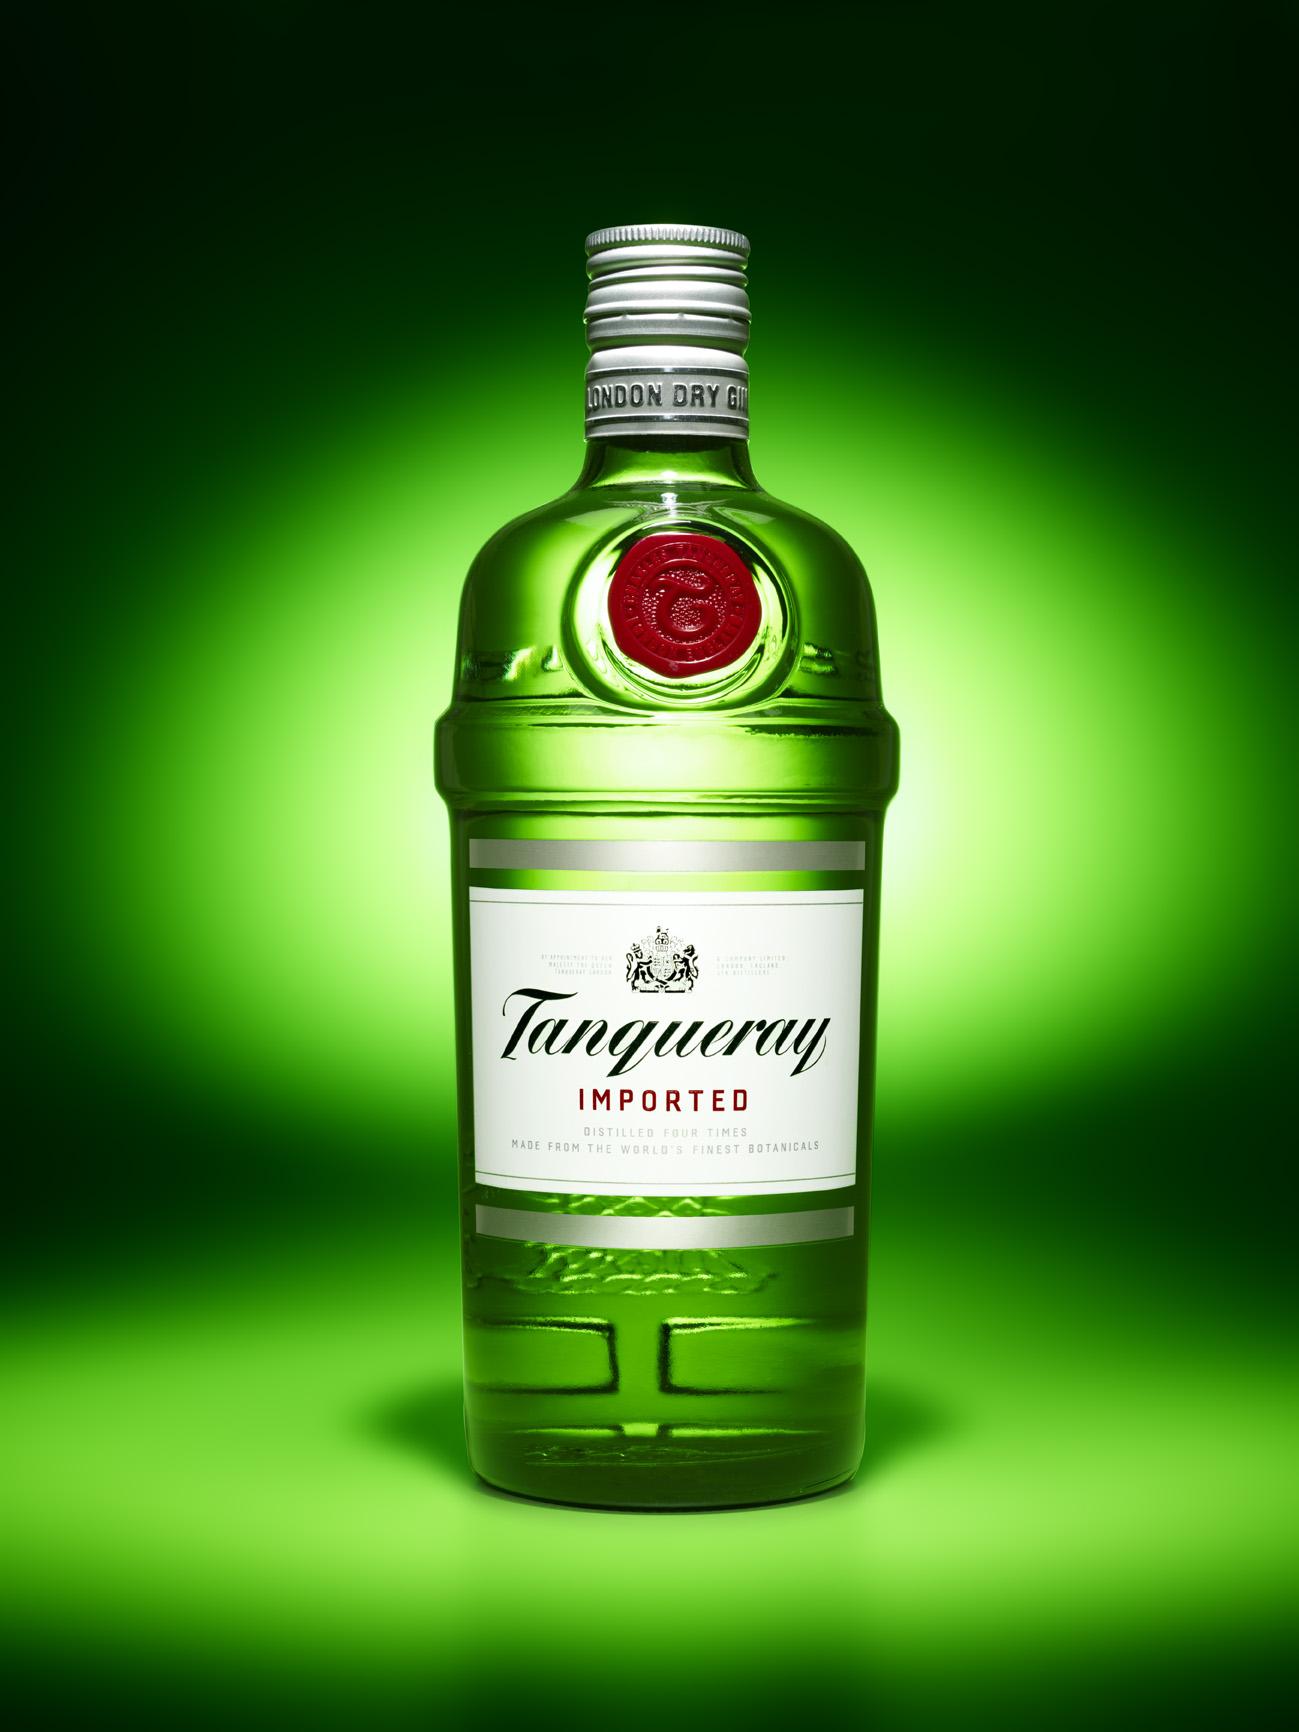 Tanquerey liquor bottle